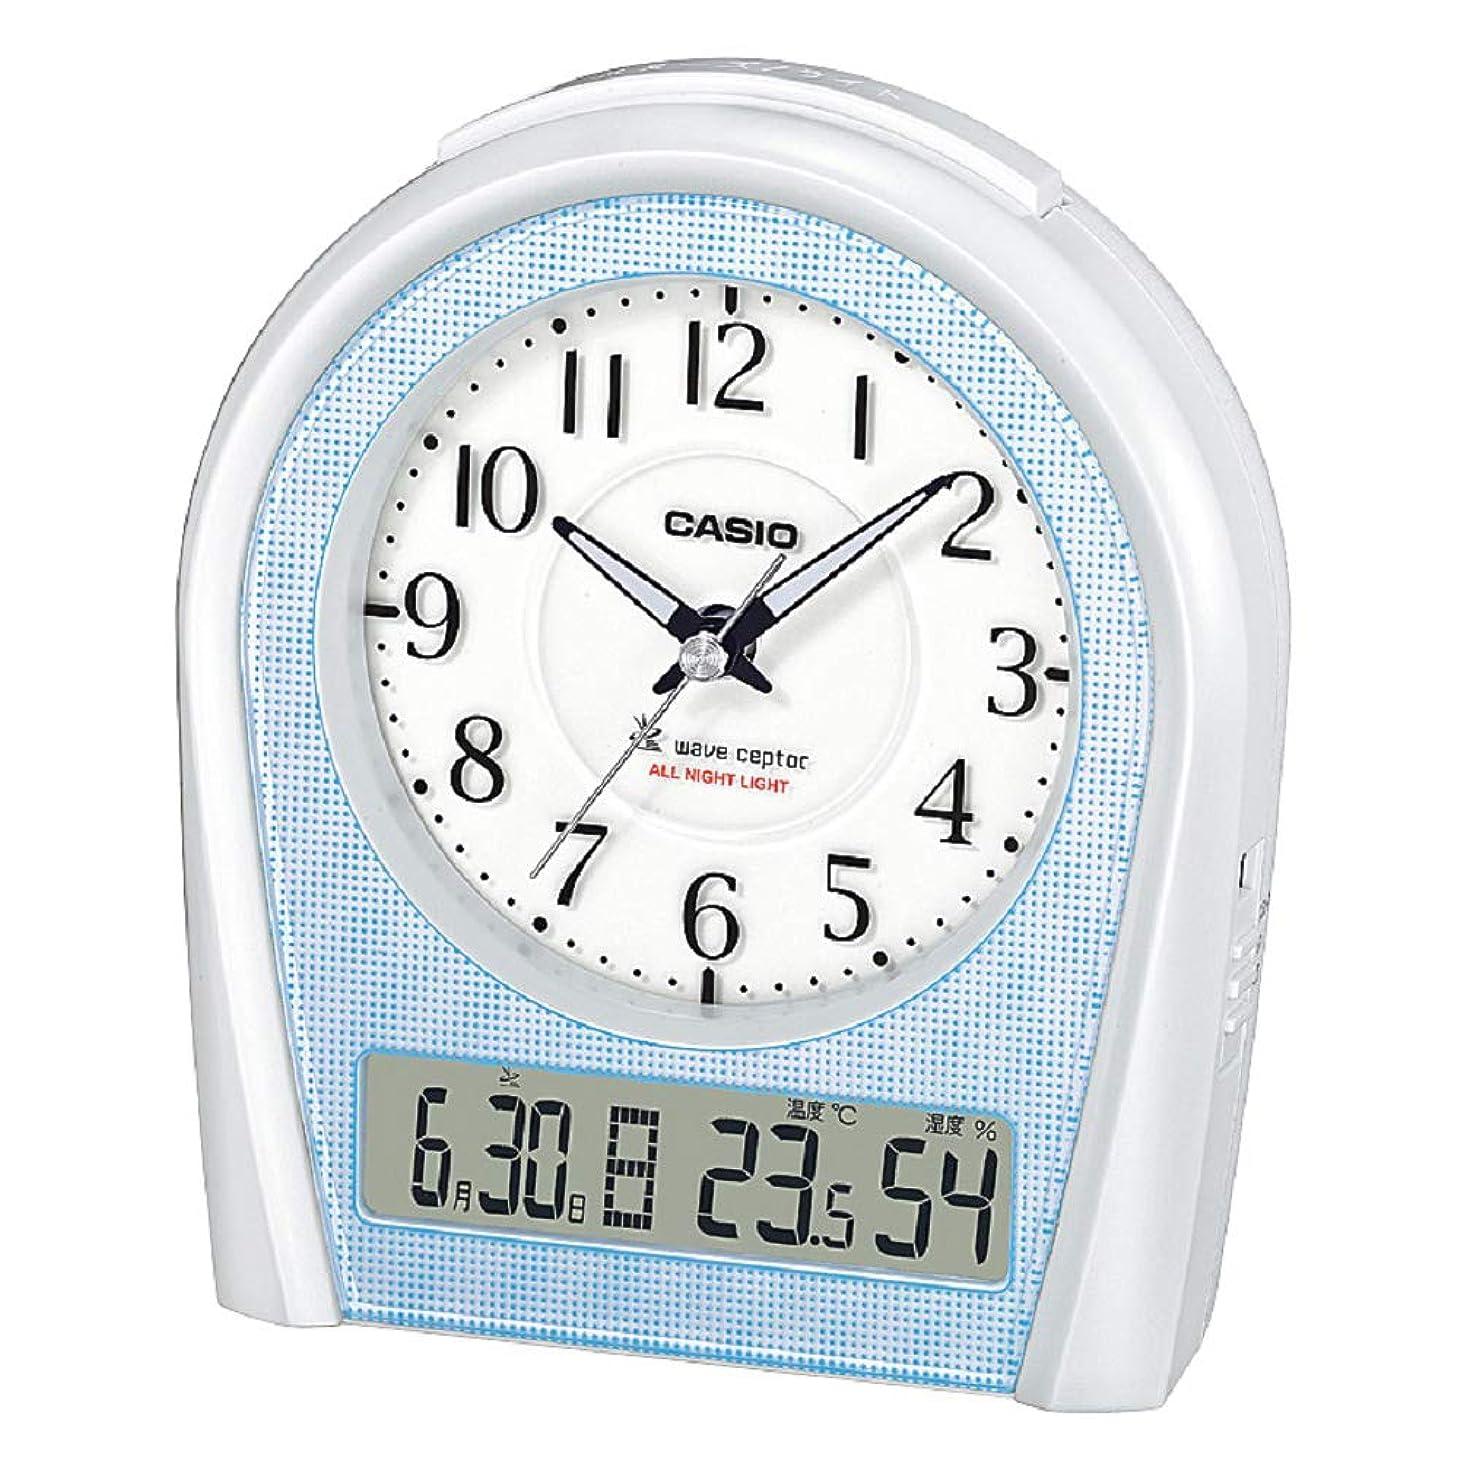 バイバイ悲しむ解釈するCASIO(カシオ) 目覚まし時計 電波 アナログ ウェーブセプター 常時点灯 温度 湿度 カレンダー 表示 シルバー TTM-160NJ-8JF